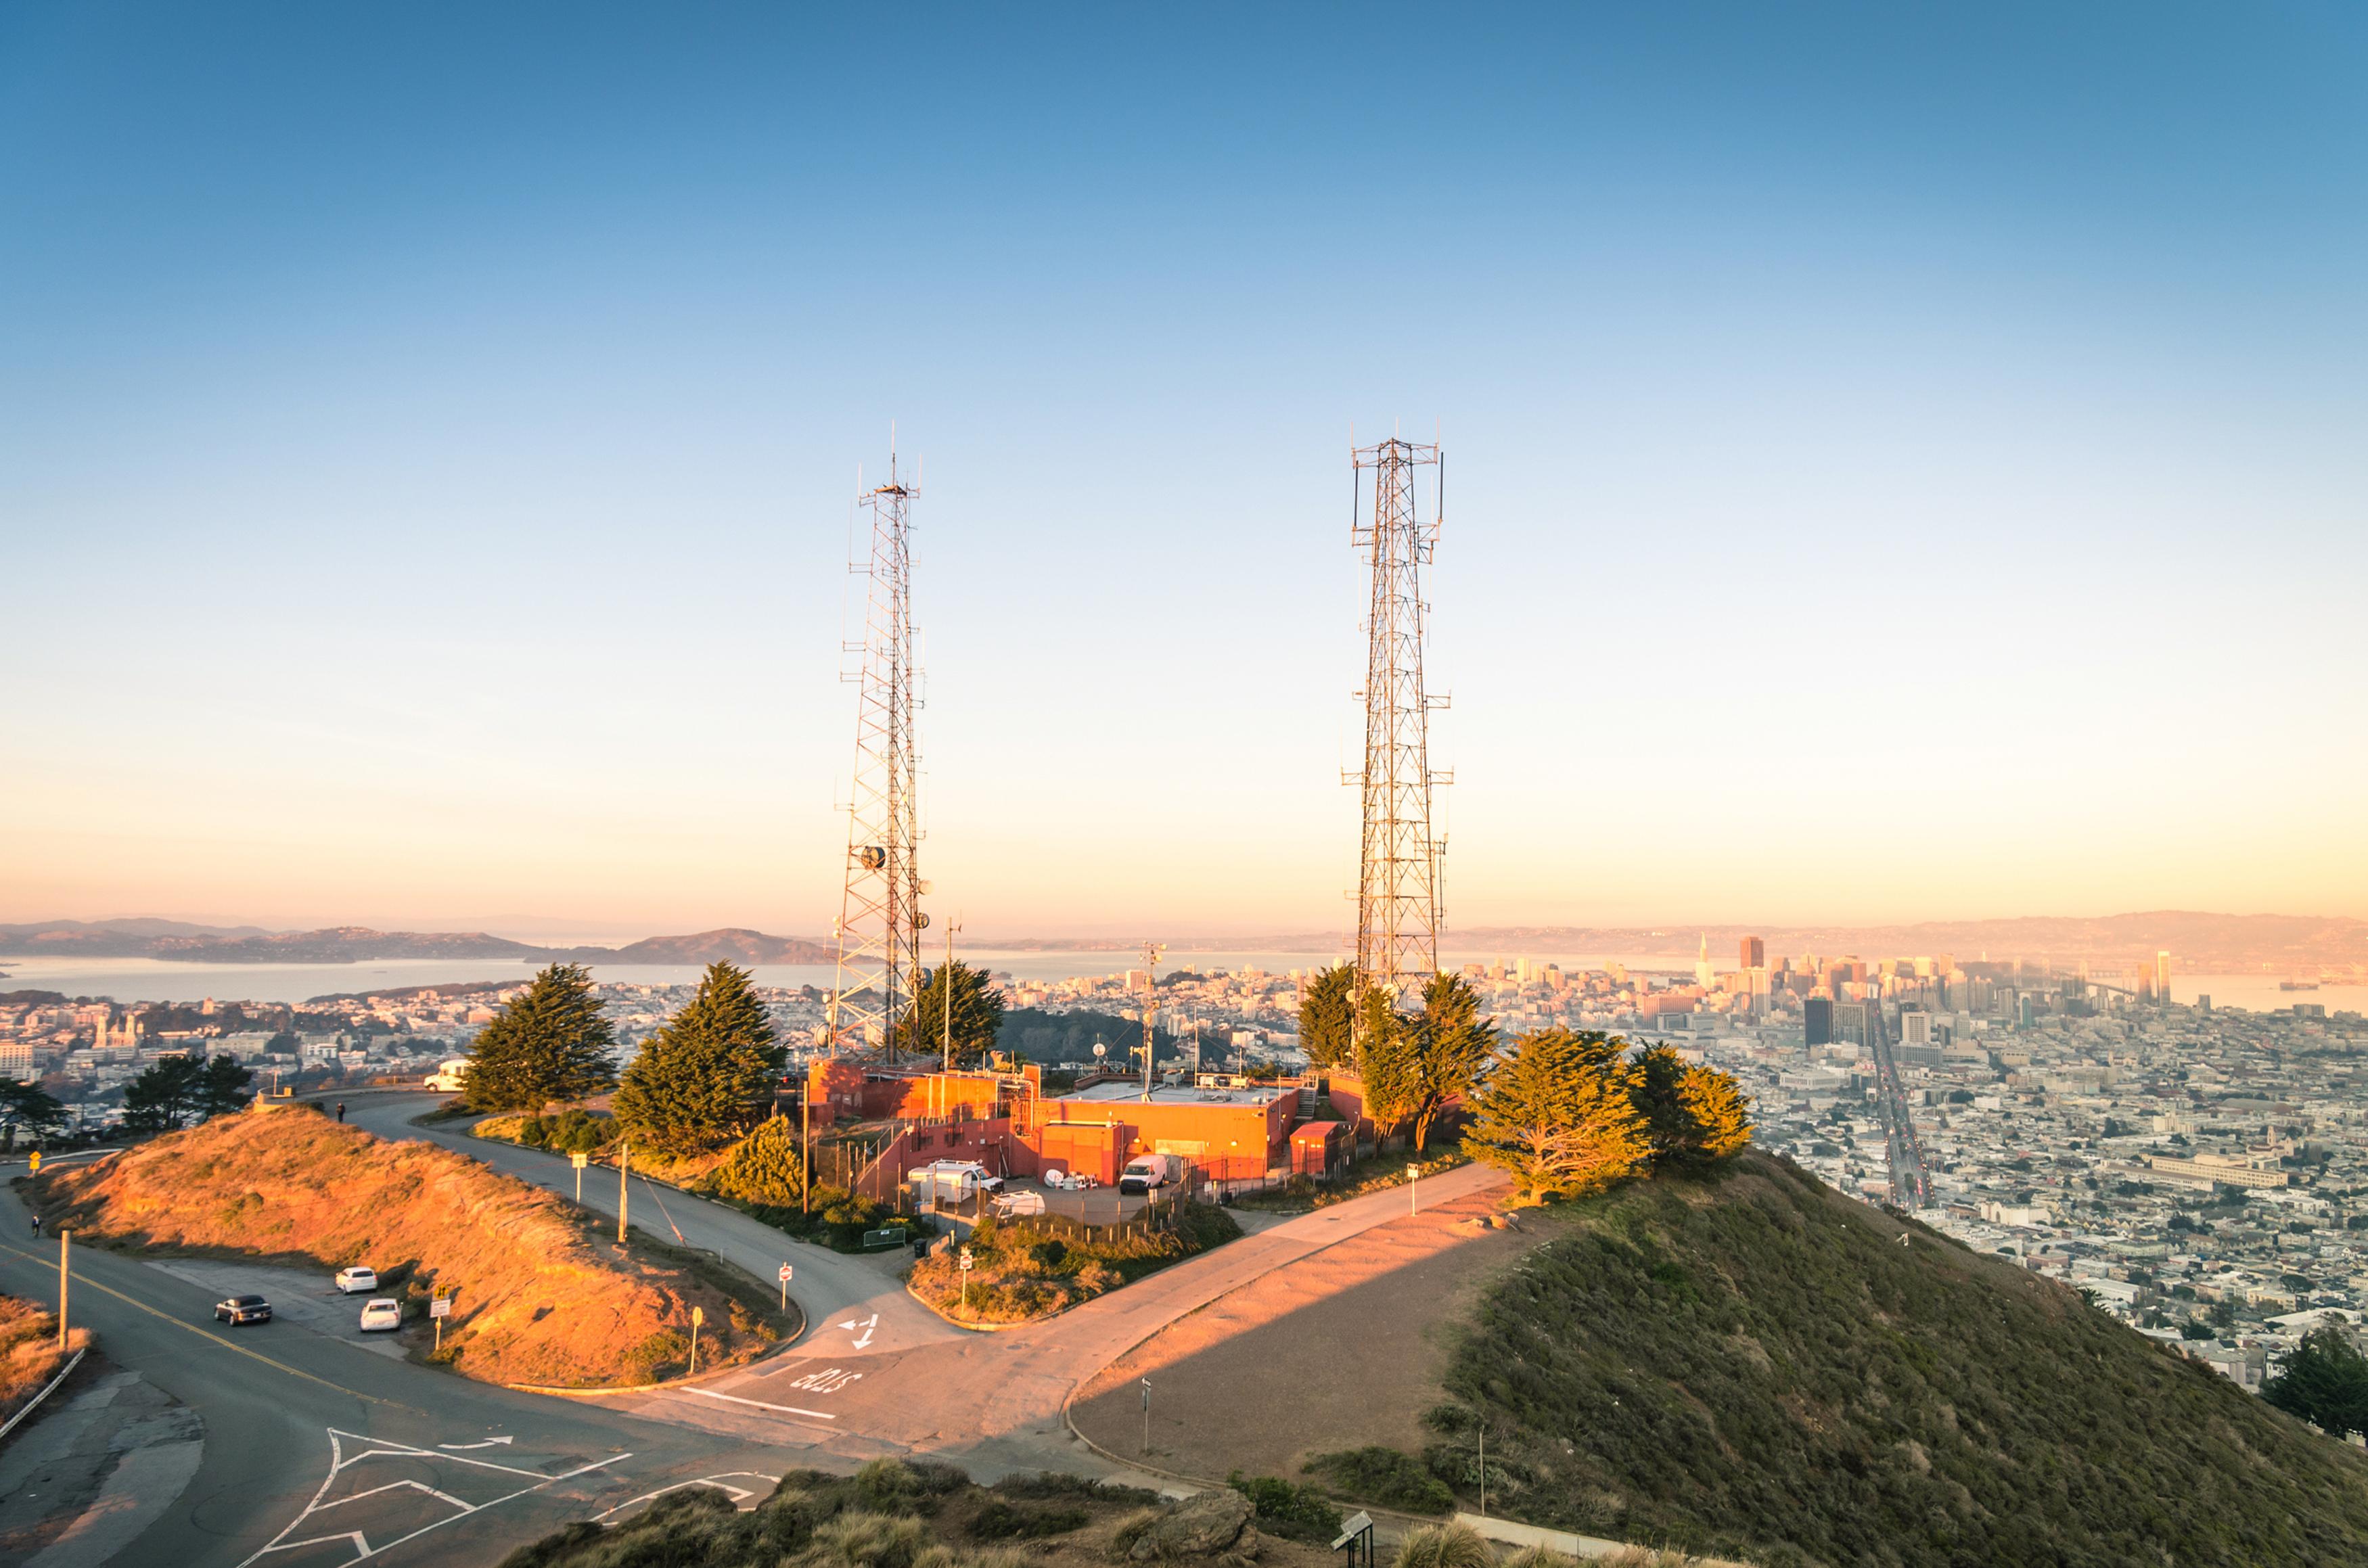 美国洛杉矶 拉斯维加斯 旧金山9日跟团游(3钻)·盖蒂中心/海鲜年夜饭